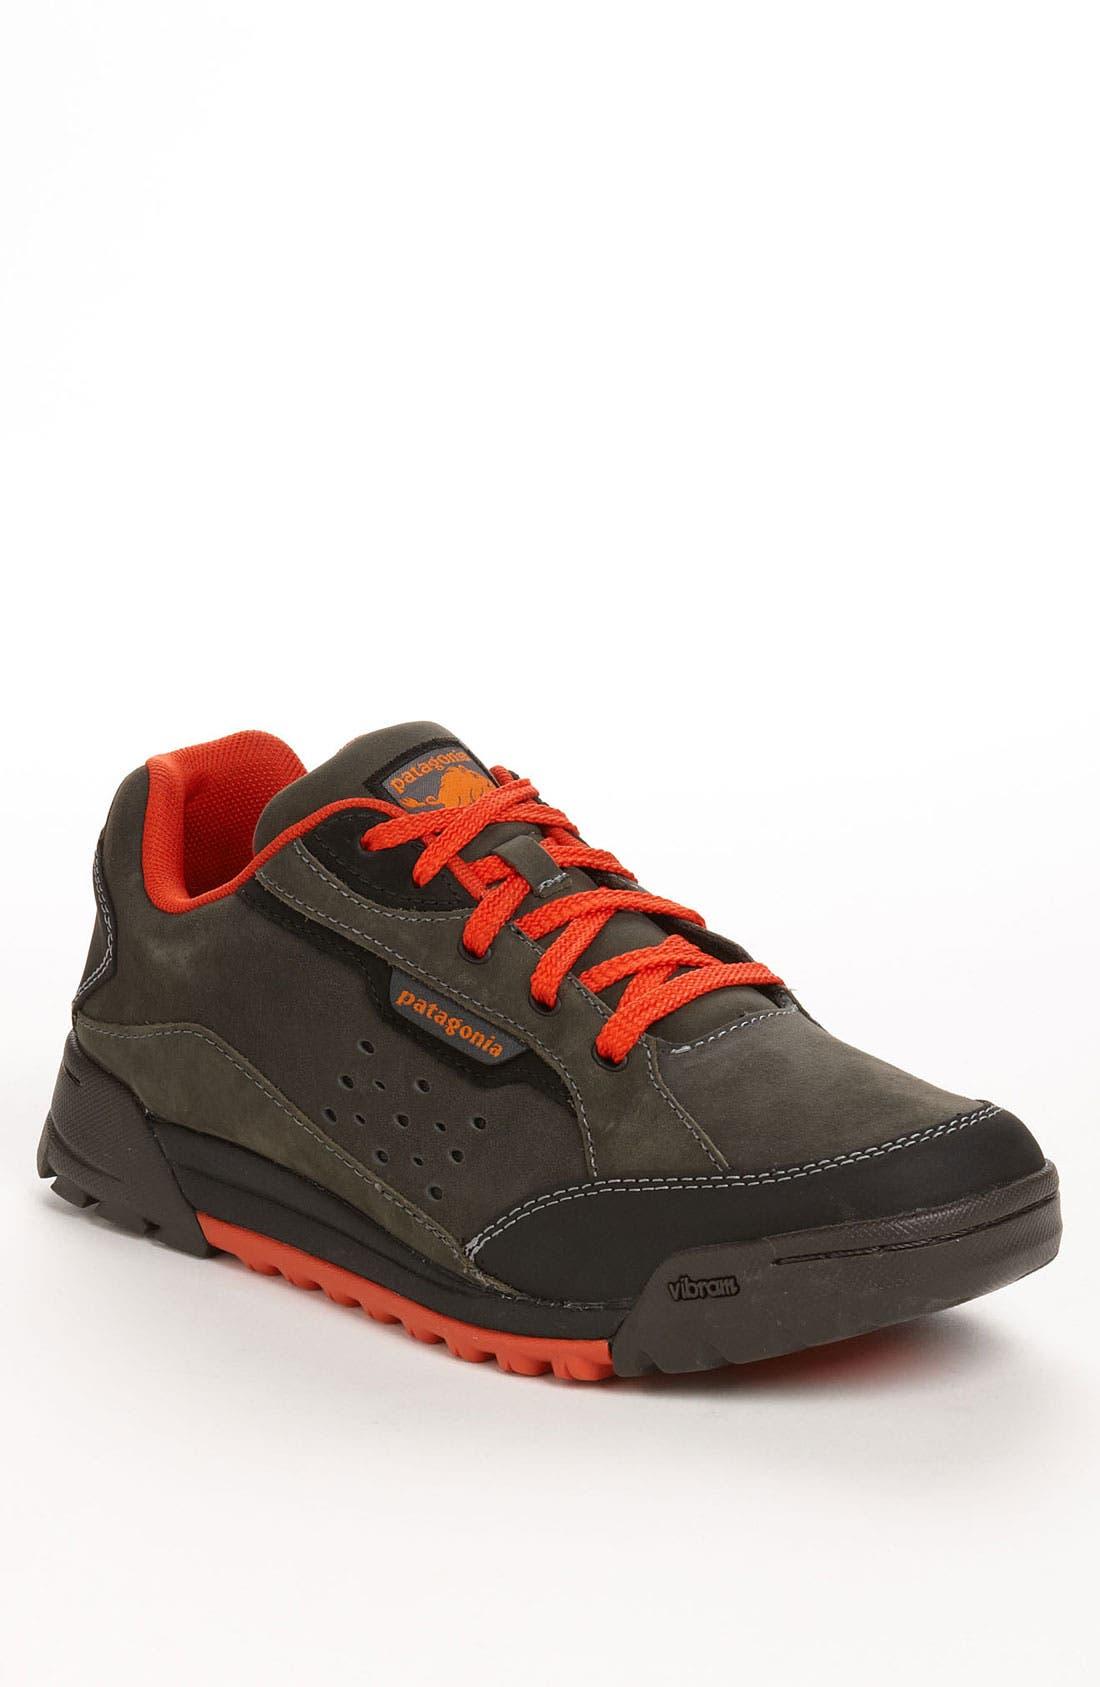 Main Image - Patagonia 'Boaris 2' Walking Shoe (Men)